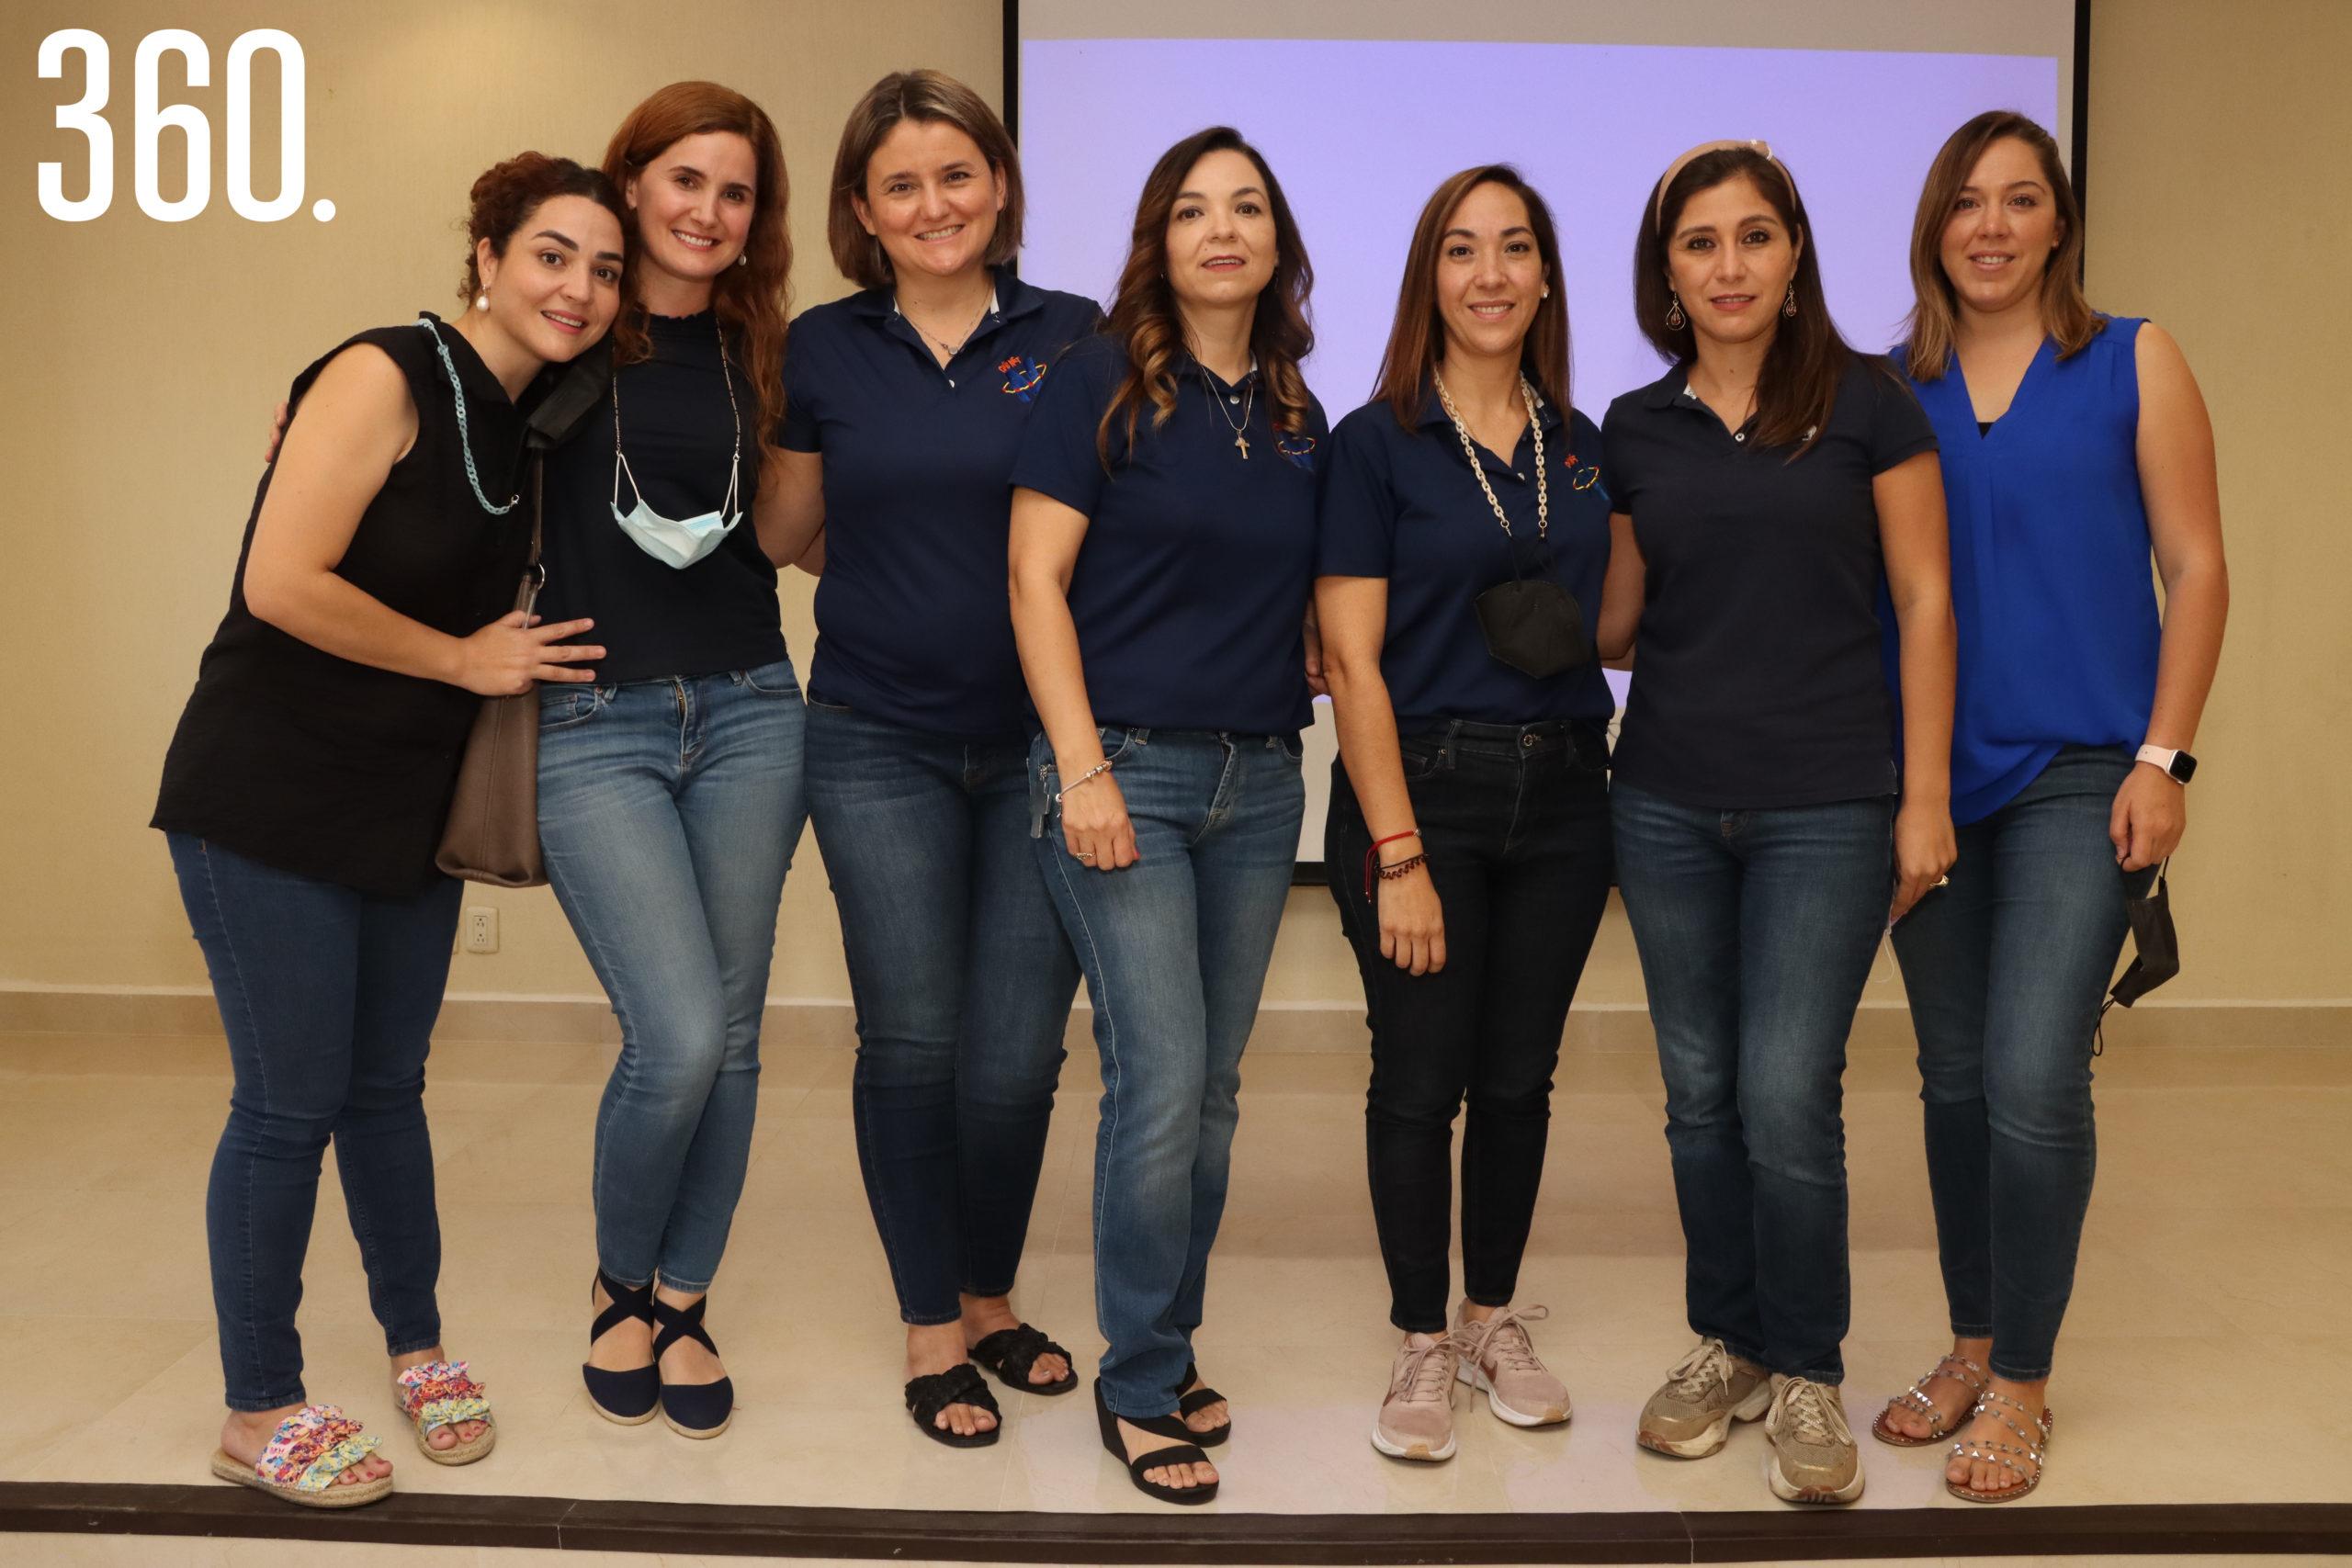 Marifer Saro, Ana Paula Ramos, Ceci Blanco, Ayme Aguirre, Gabriela Cabello, Berenice Riojas y Alejandra Flores integrantes de la dircetiva del Club Net Saltillo.